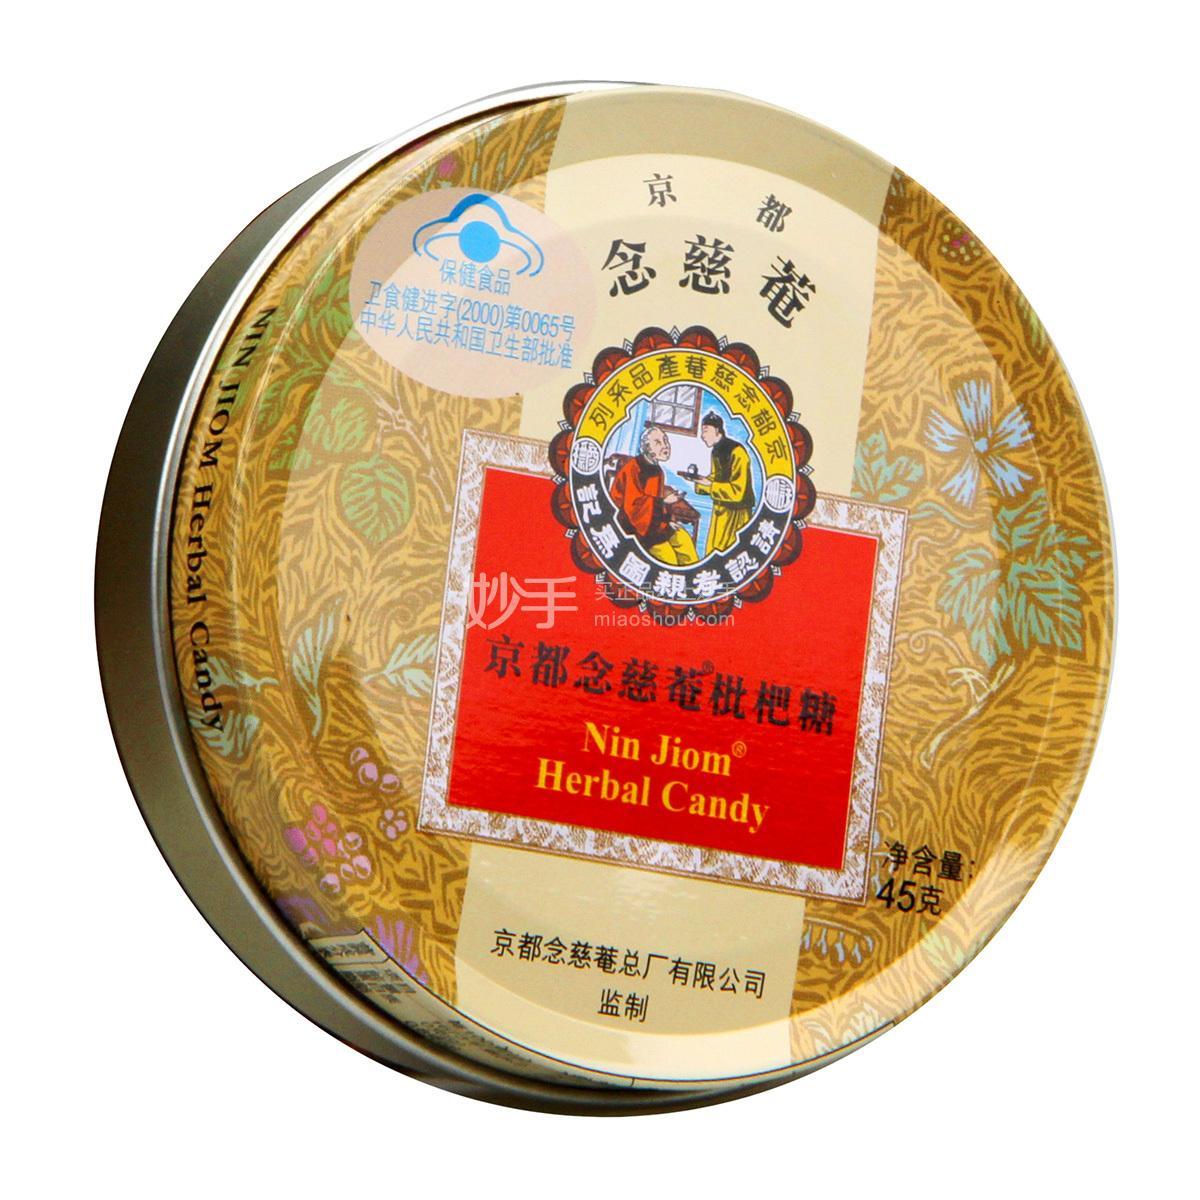 京都念慈庵 枇杷糖 铁盒  45g